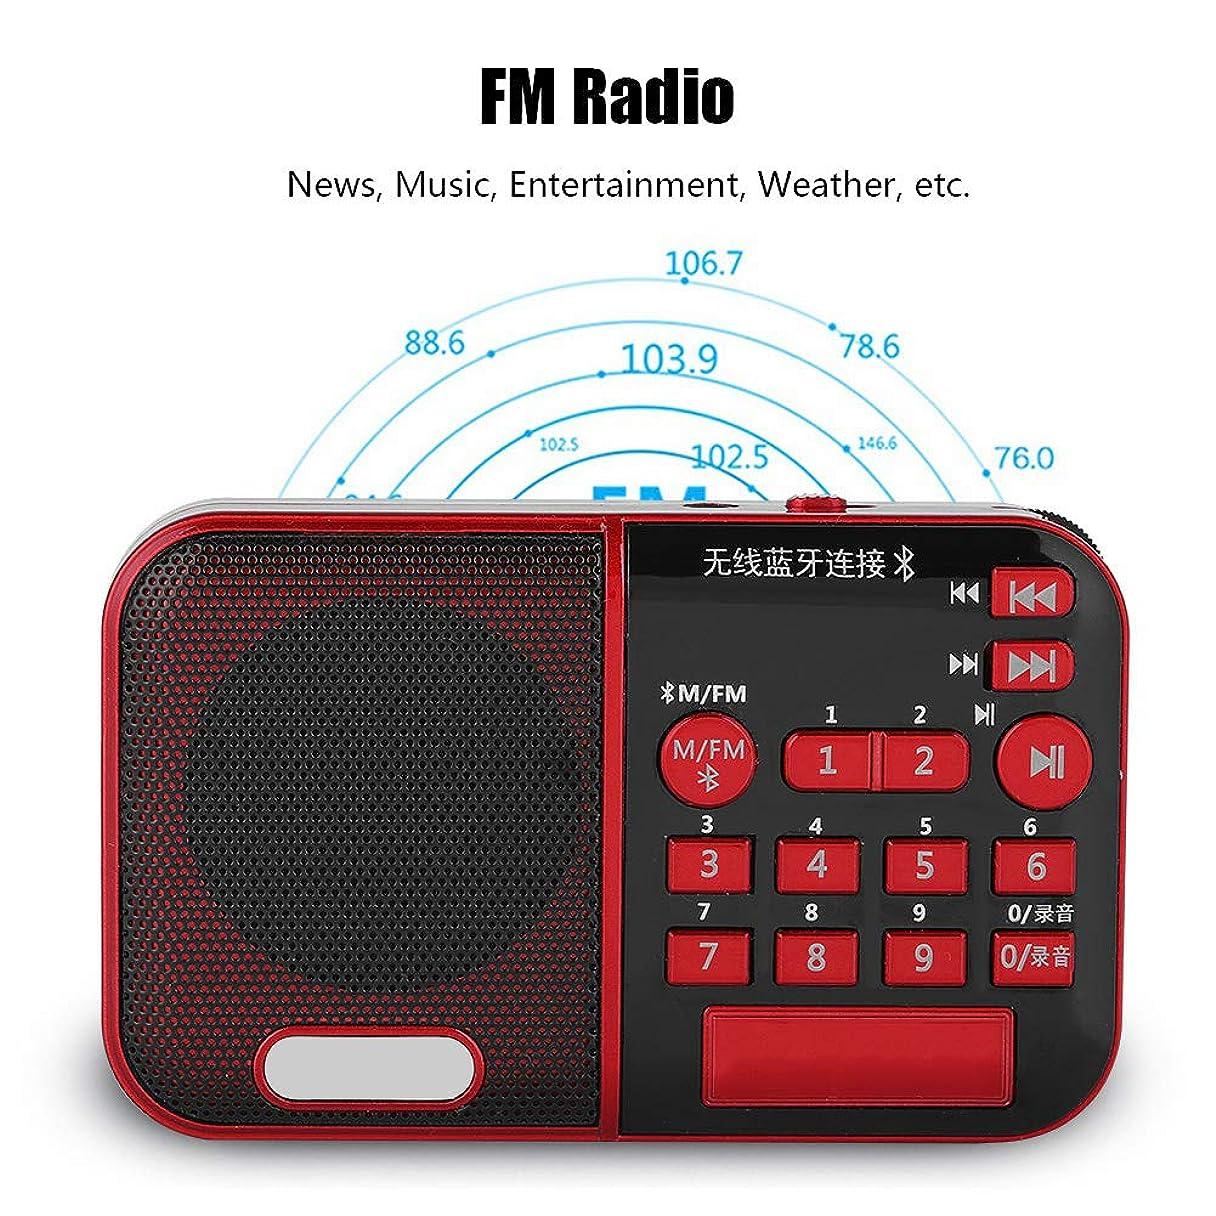 シャトルワックス年金受給者FosaデジタルFMラジオ、携帯用20Hz-20KHzブルートゥースラジオスピーカーMP3音楽プレーヤー サポートUディスク/TFカード 寝室、屋外プレイ用 6-8時間のキャンセル